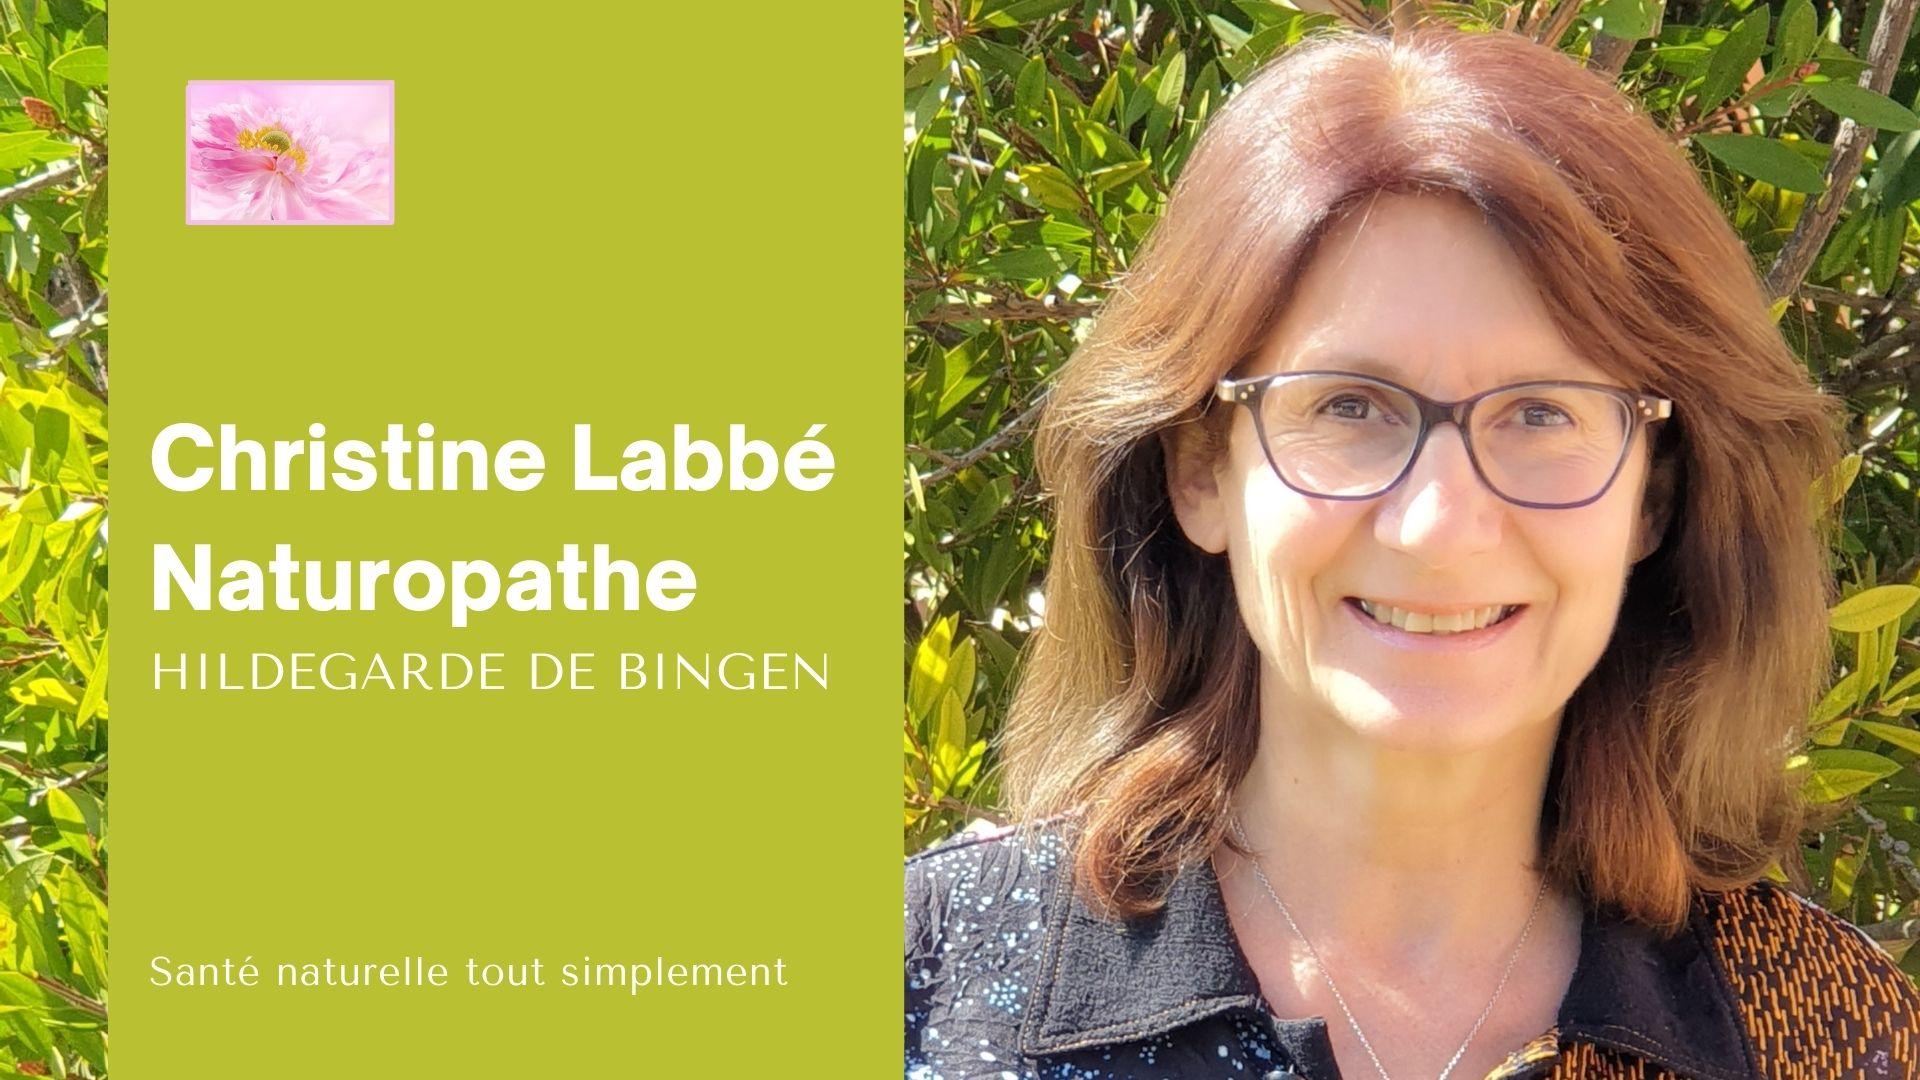 Christine Labbé Naturopathe